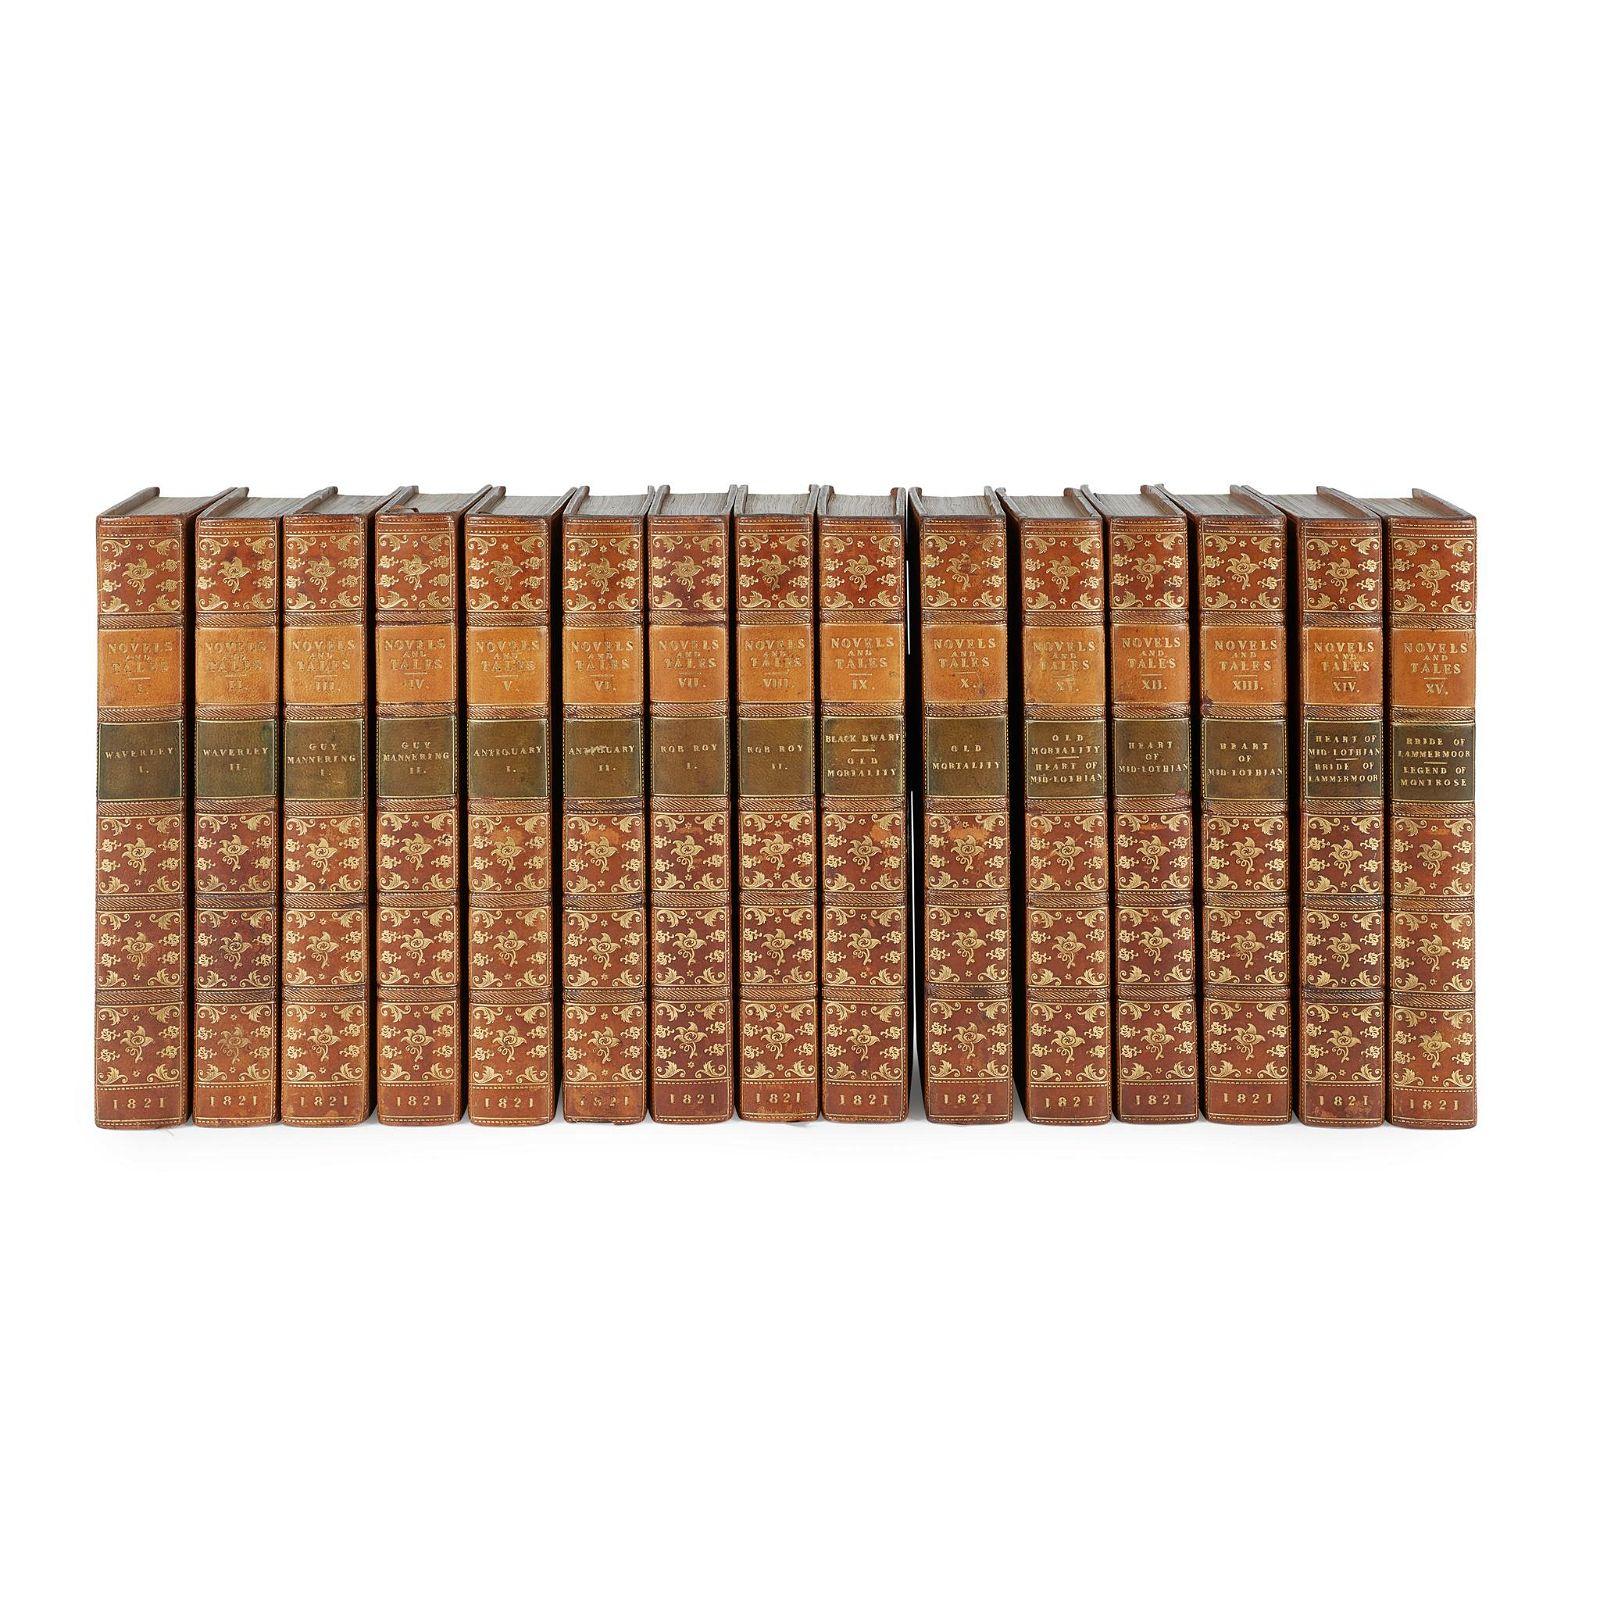 Scott, Sir Walter Waverley Novels